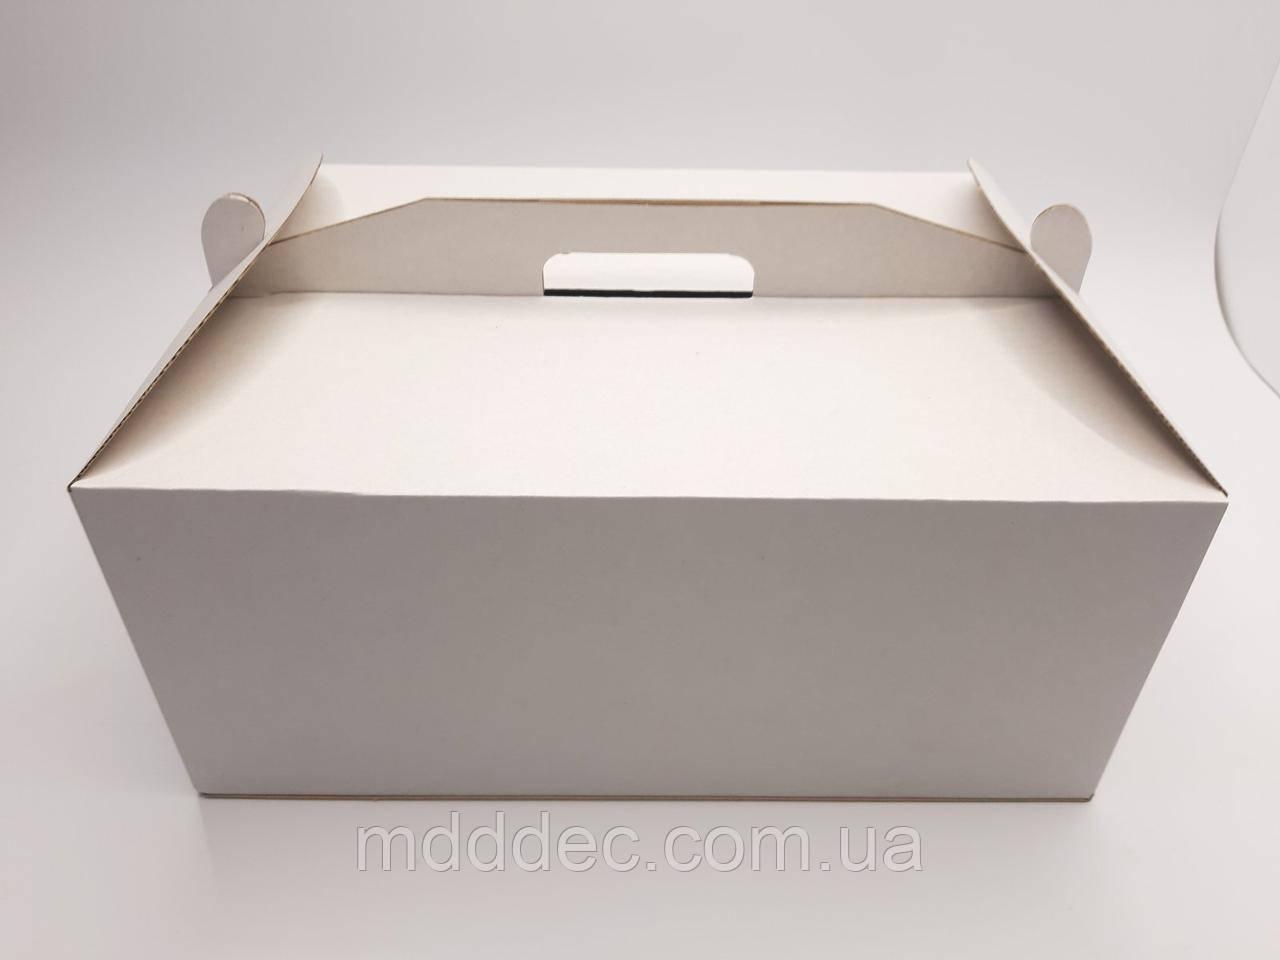 Коробка для тортов 310х410х180